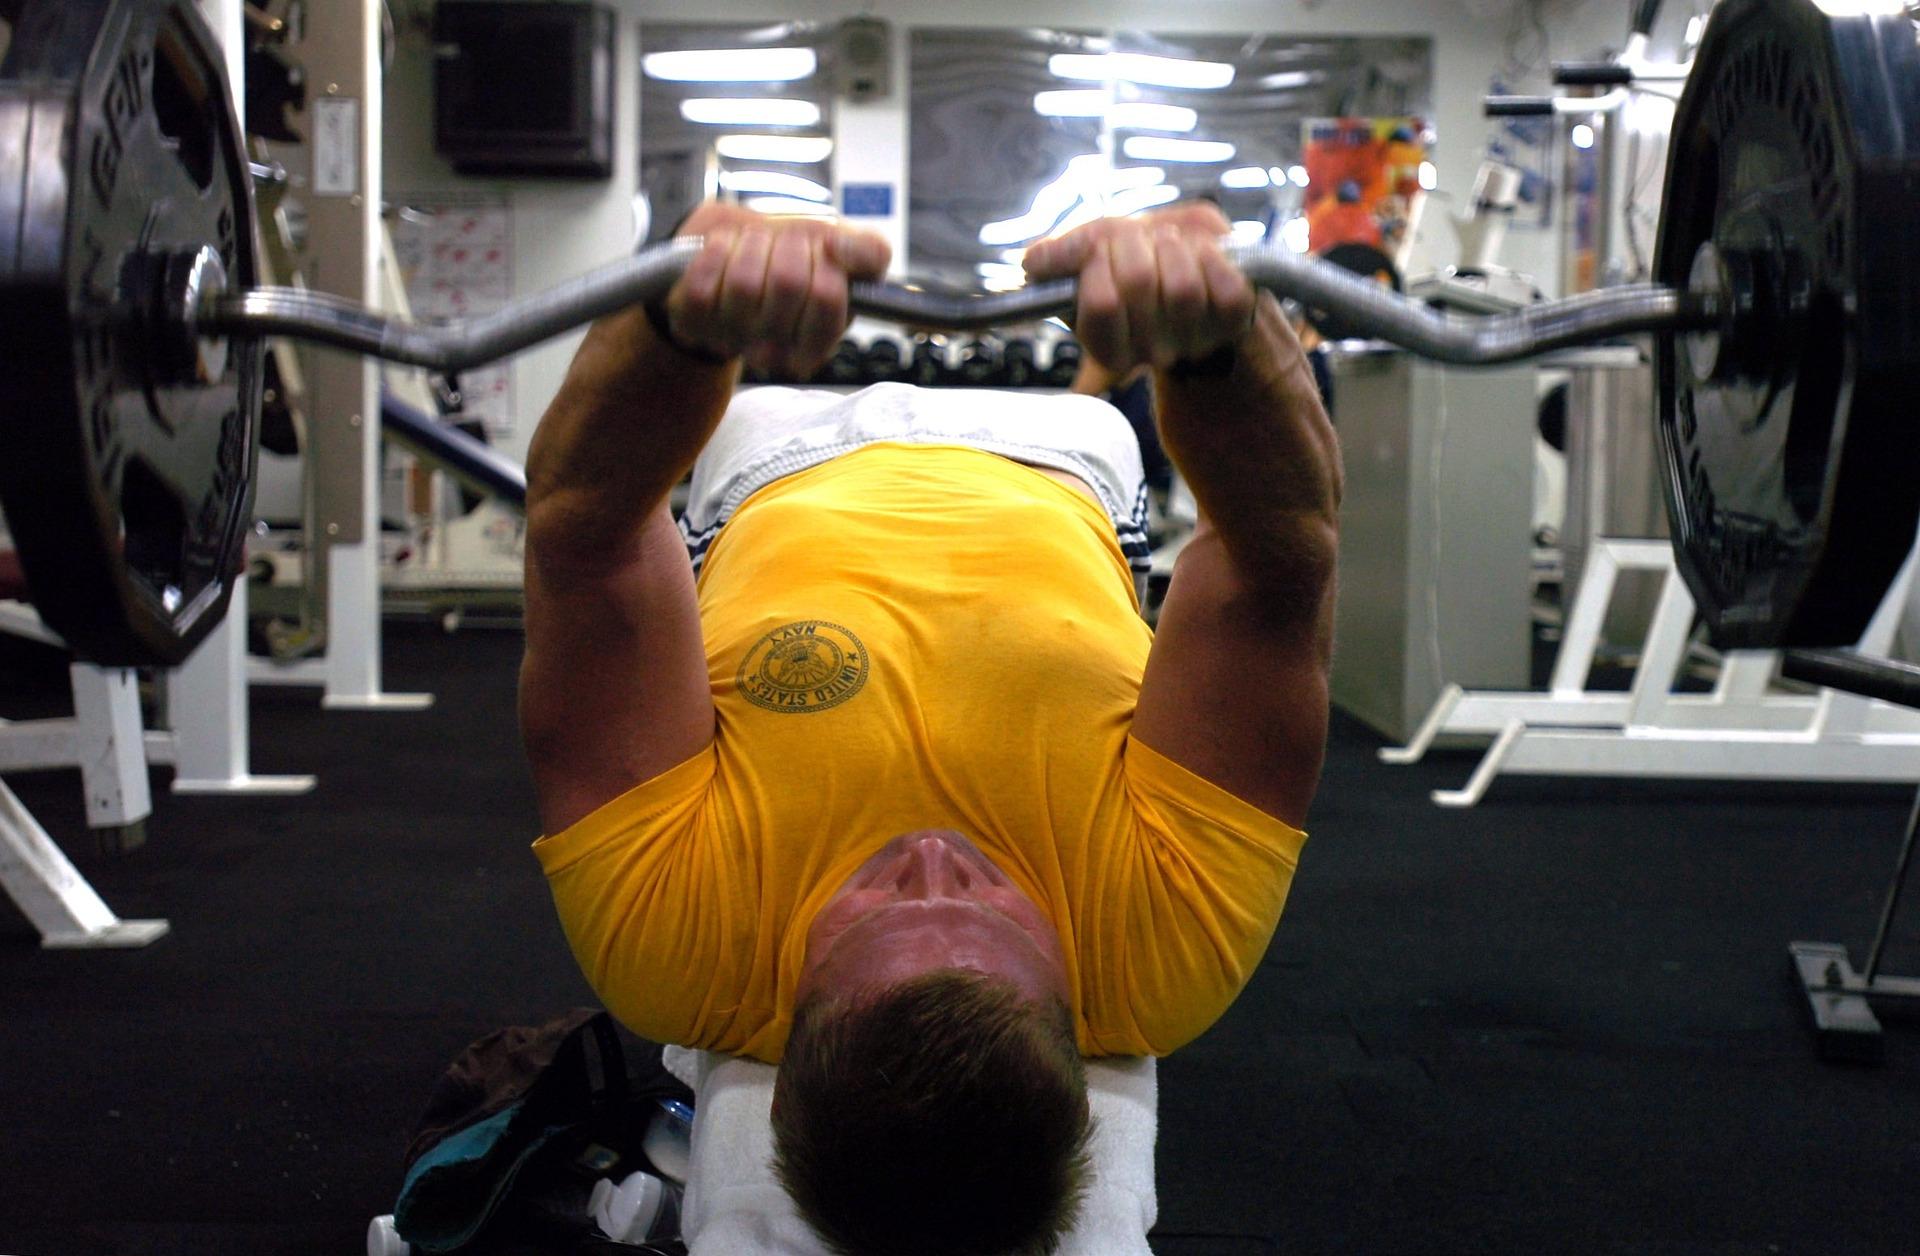 Комплекс упражнений для тренажерного зала